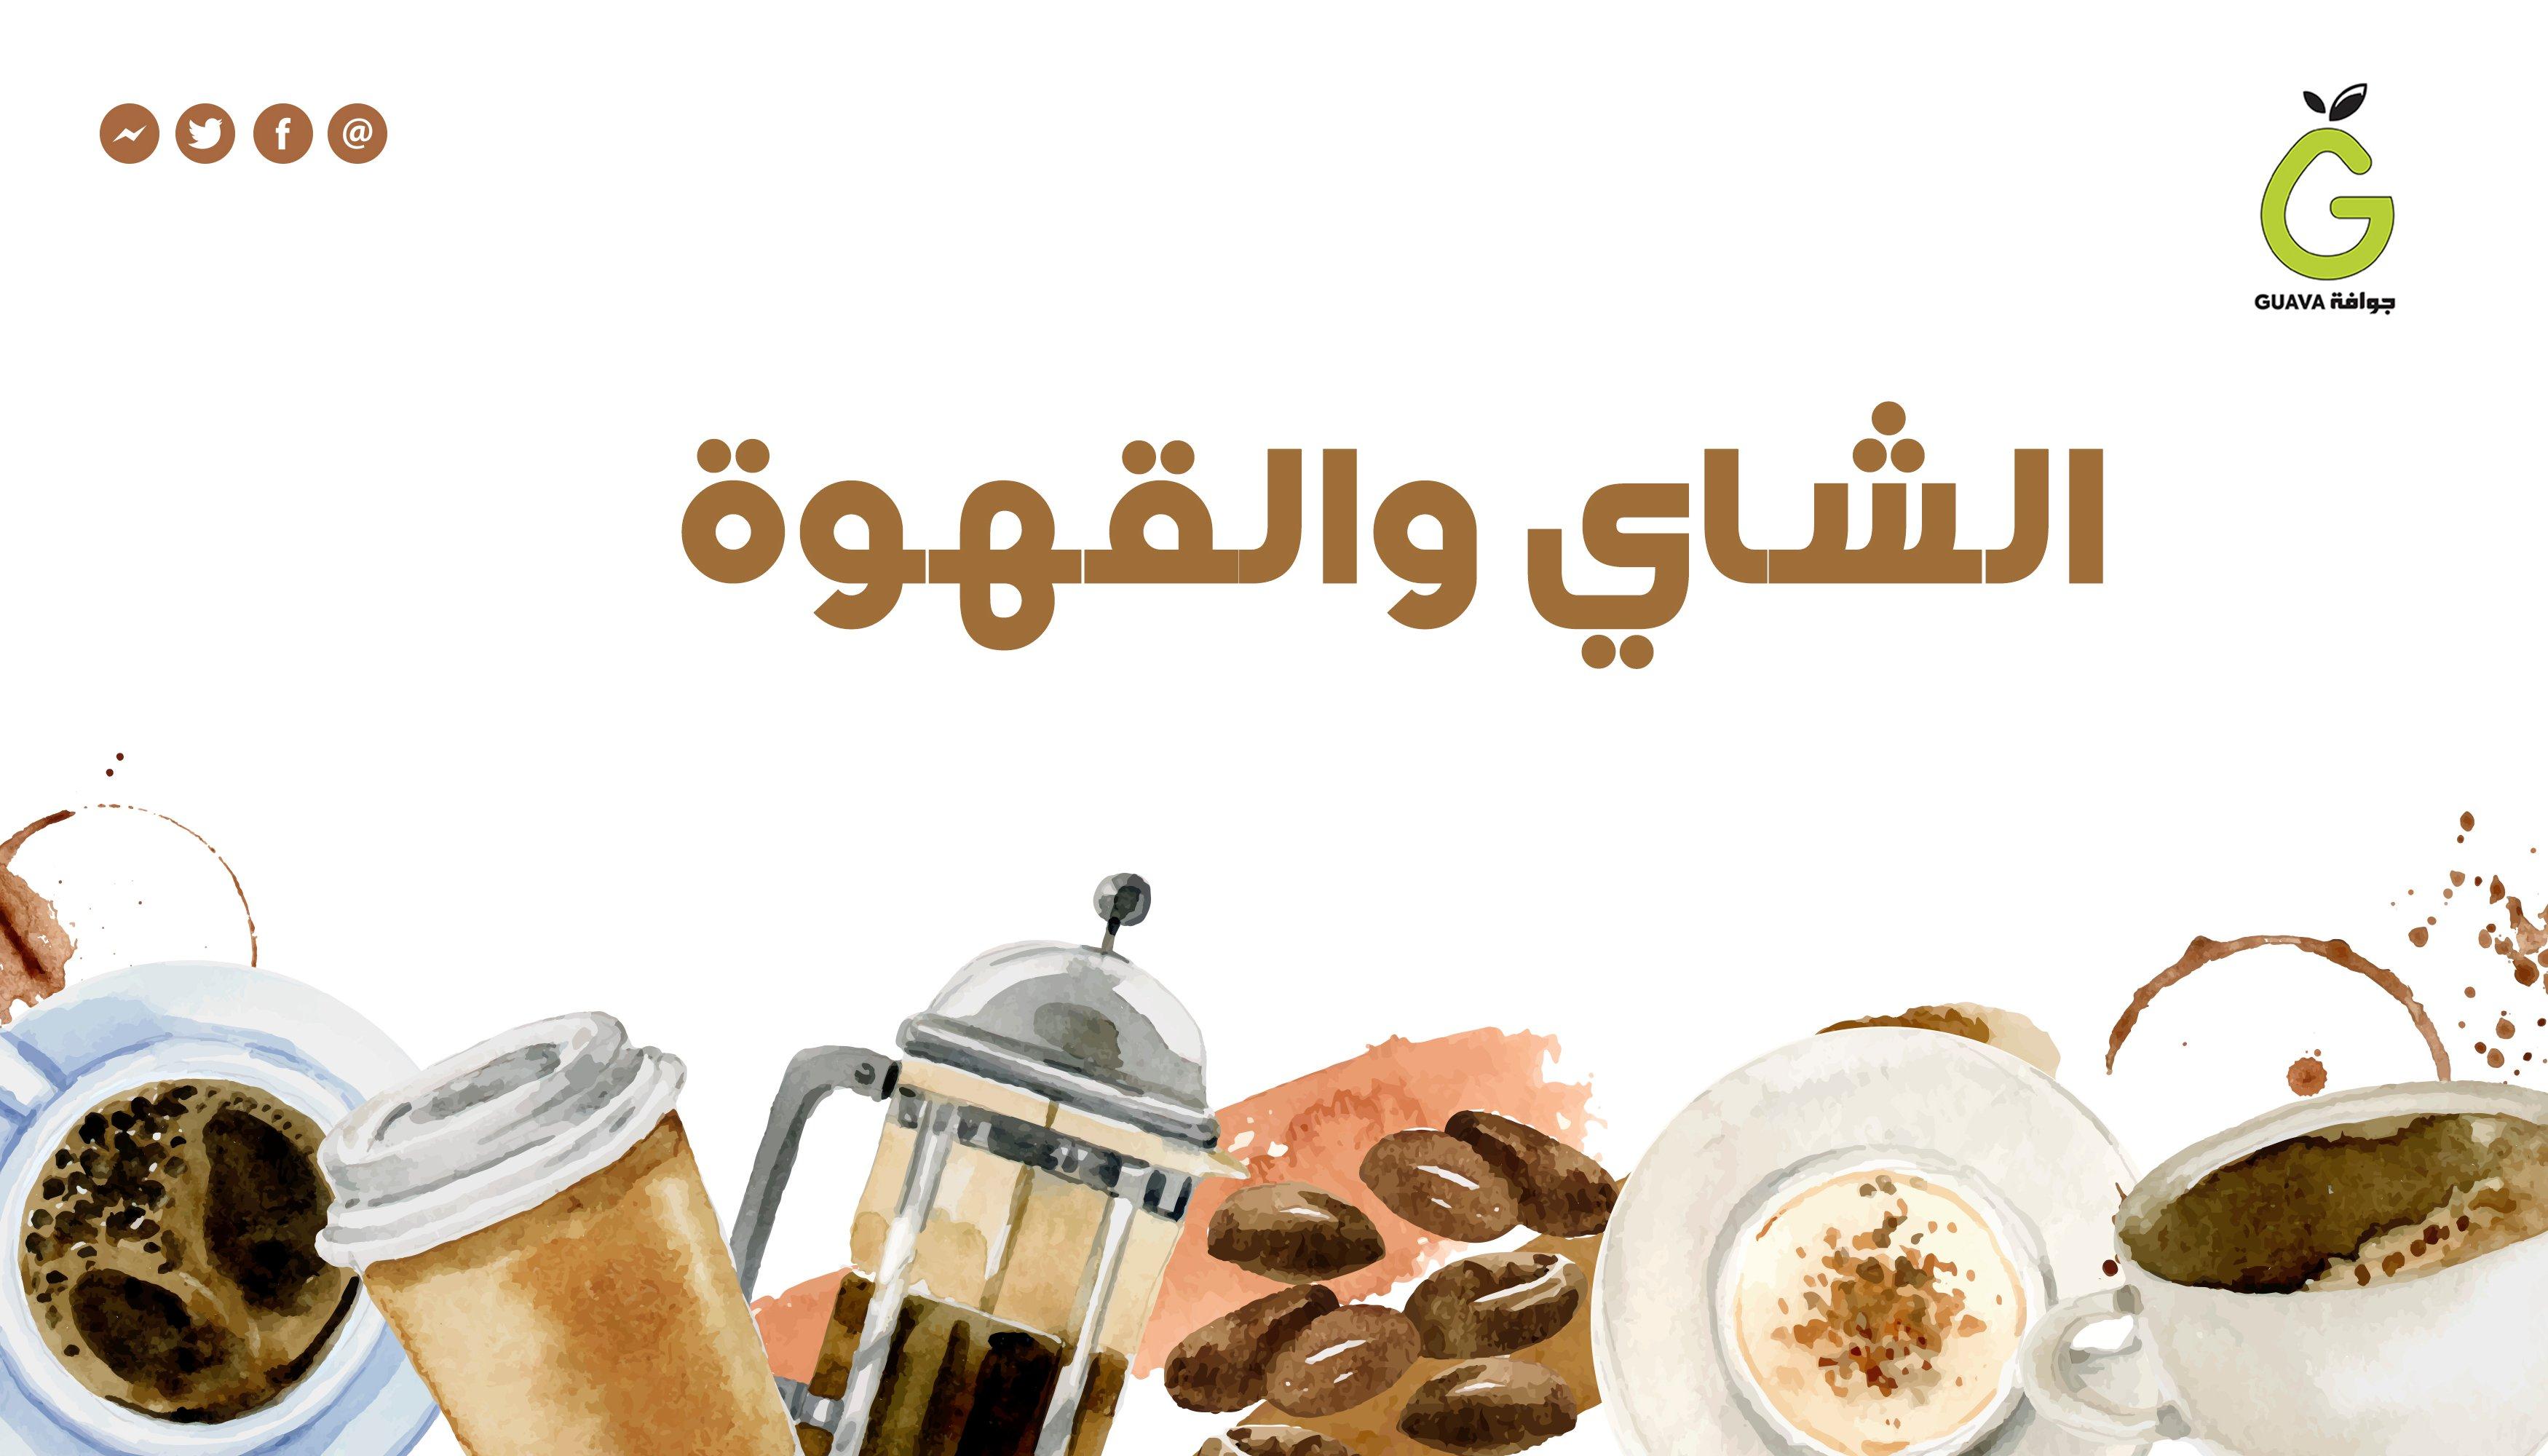 الشاي والقهوة coffee and tea